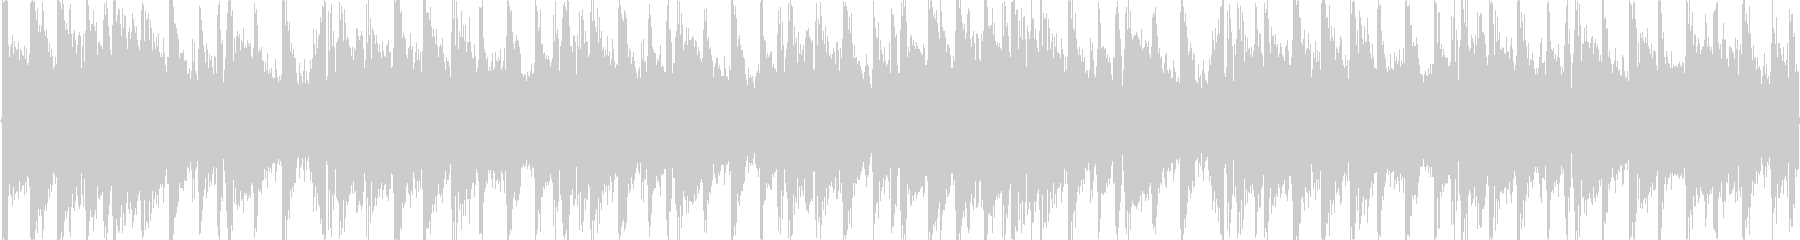 ヒーリングHIPHOPの未再生の波形